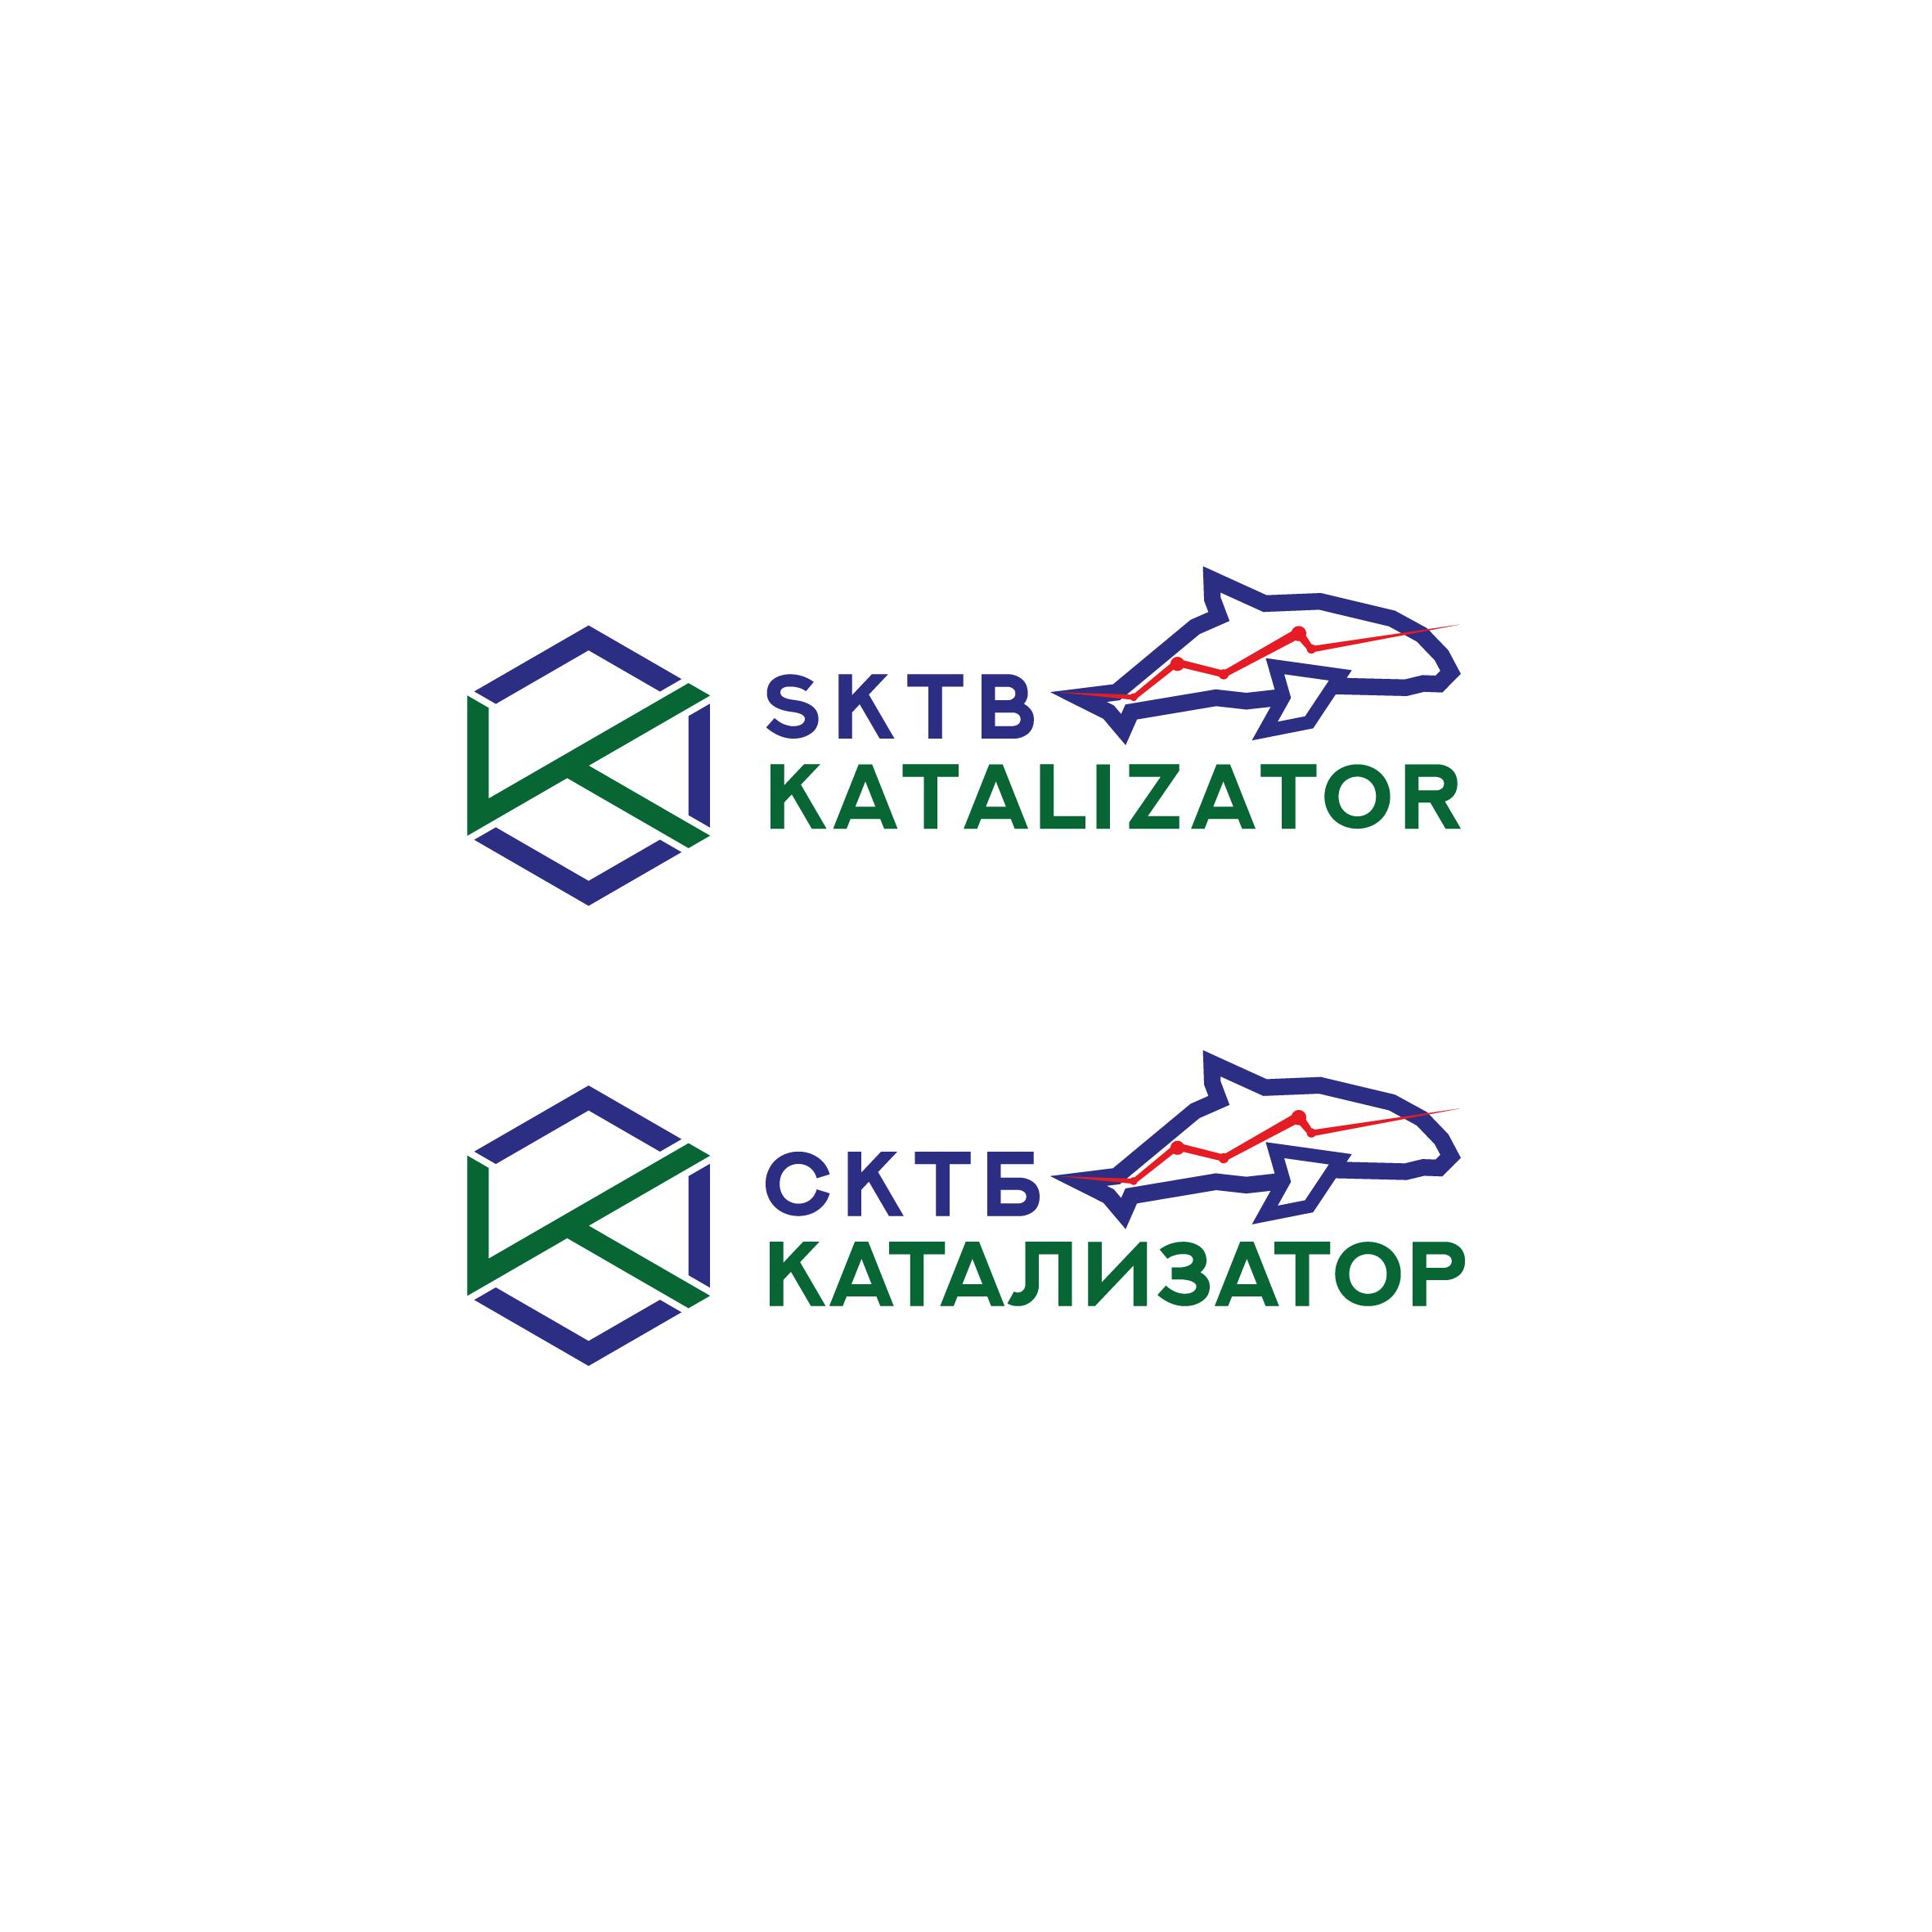 Разработка фирменного символа компании - касатки, НЕ ЛОГОТИП фото f_9195b00361ce94e8.png